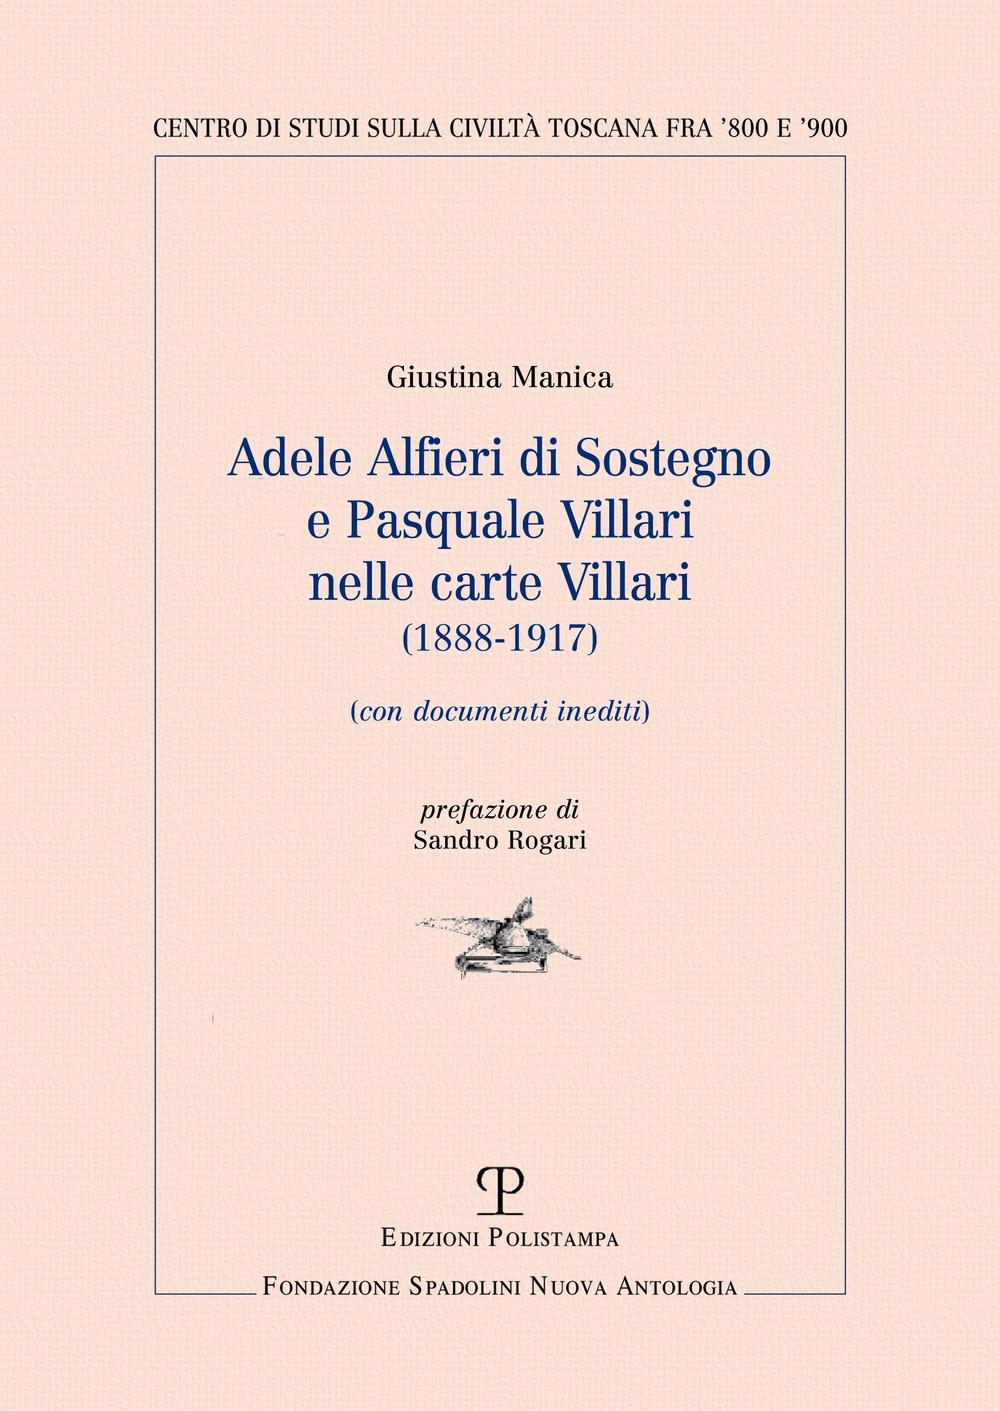 Adele Alfieri di Sostegno e Pasquale Villari nelle carte Villari (1888-1917).Con documenti inediti.